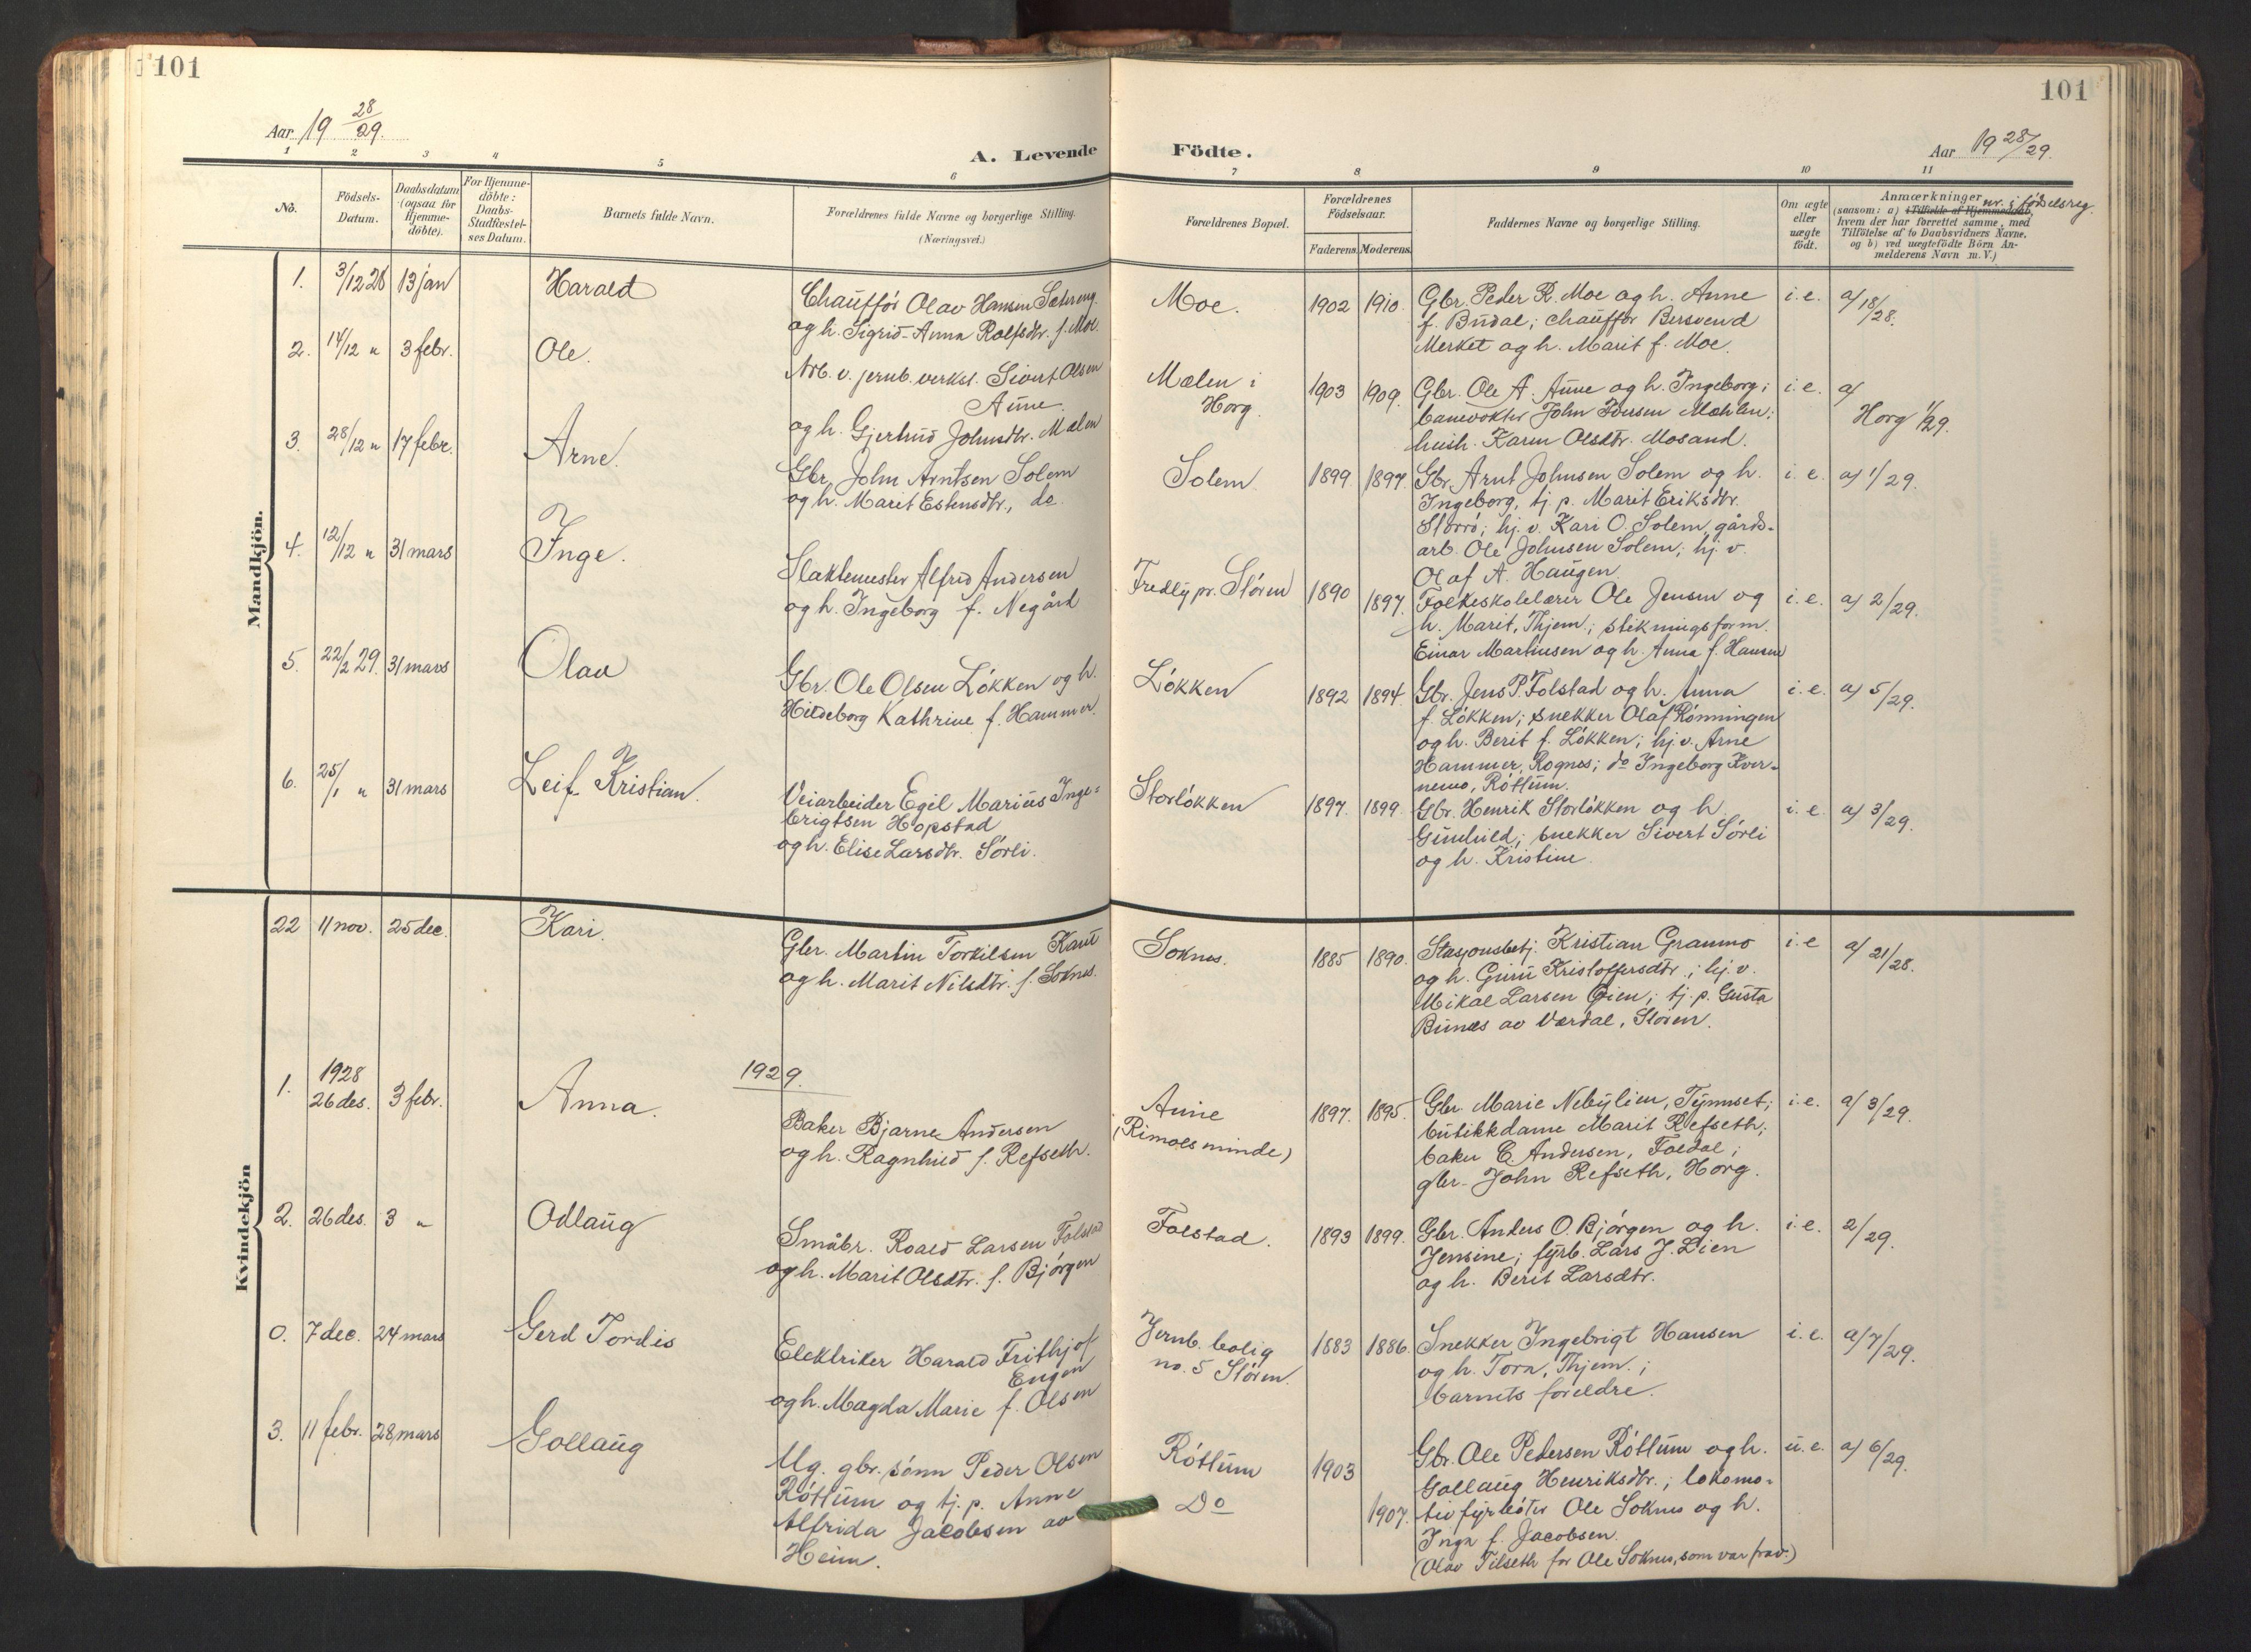 SAT, Ministerialprotokoller, klokkerbøker og fødselsregistre - Sør-Trøndelag, 687/L1019: Klokkerbok nr. 687C03, 1904-1931, s. 101